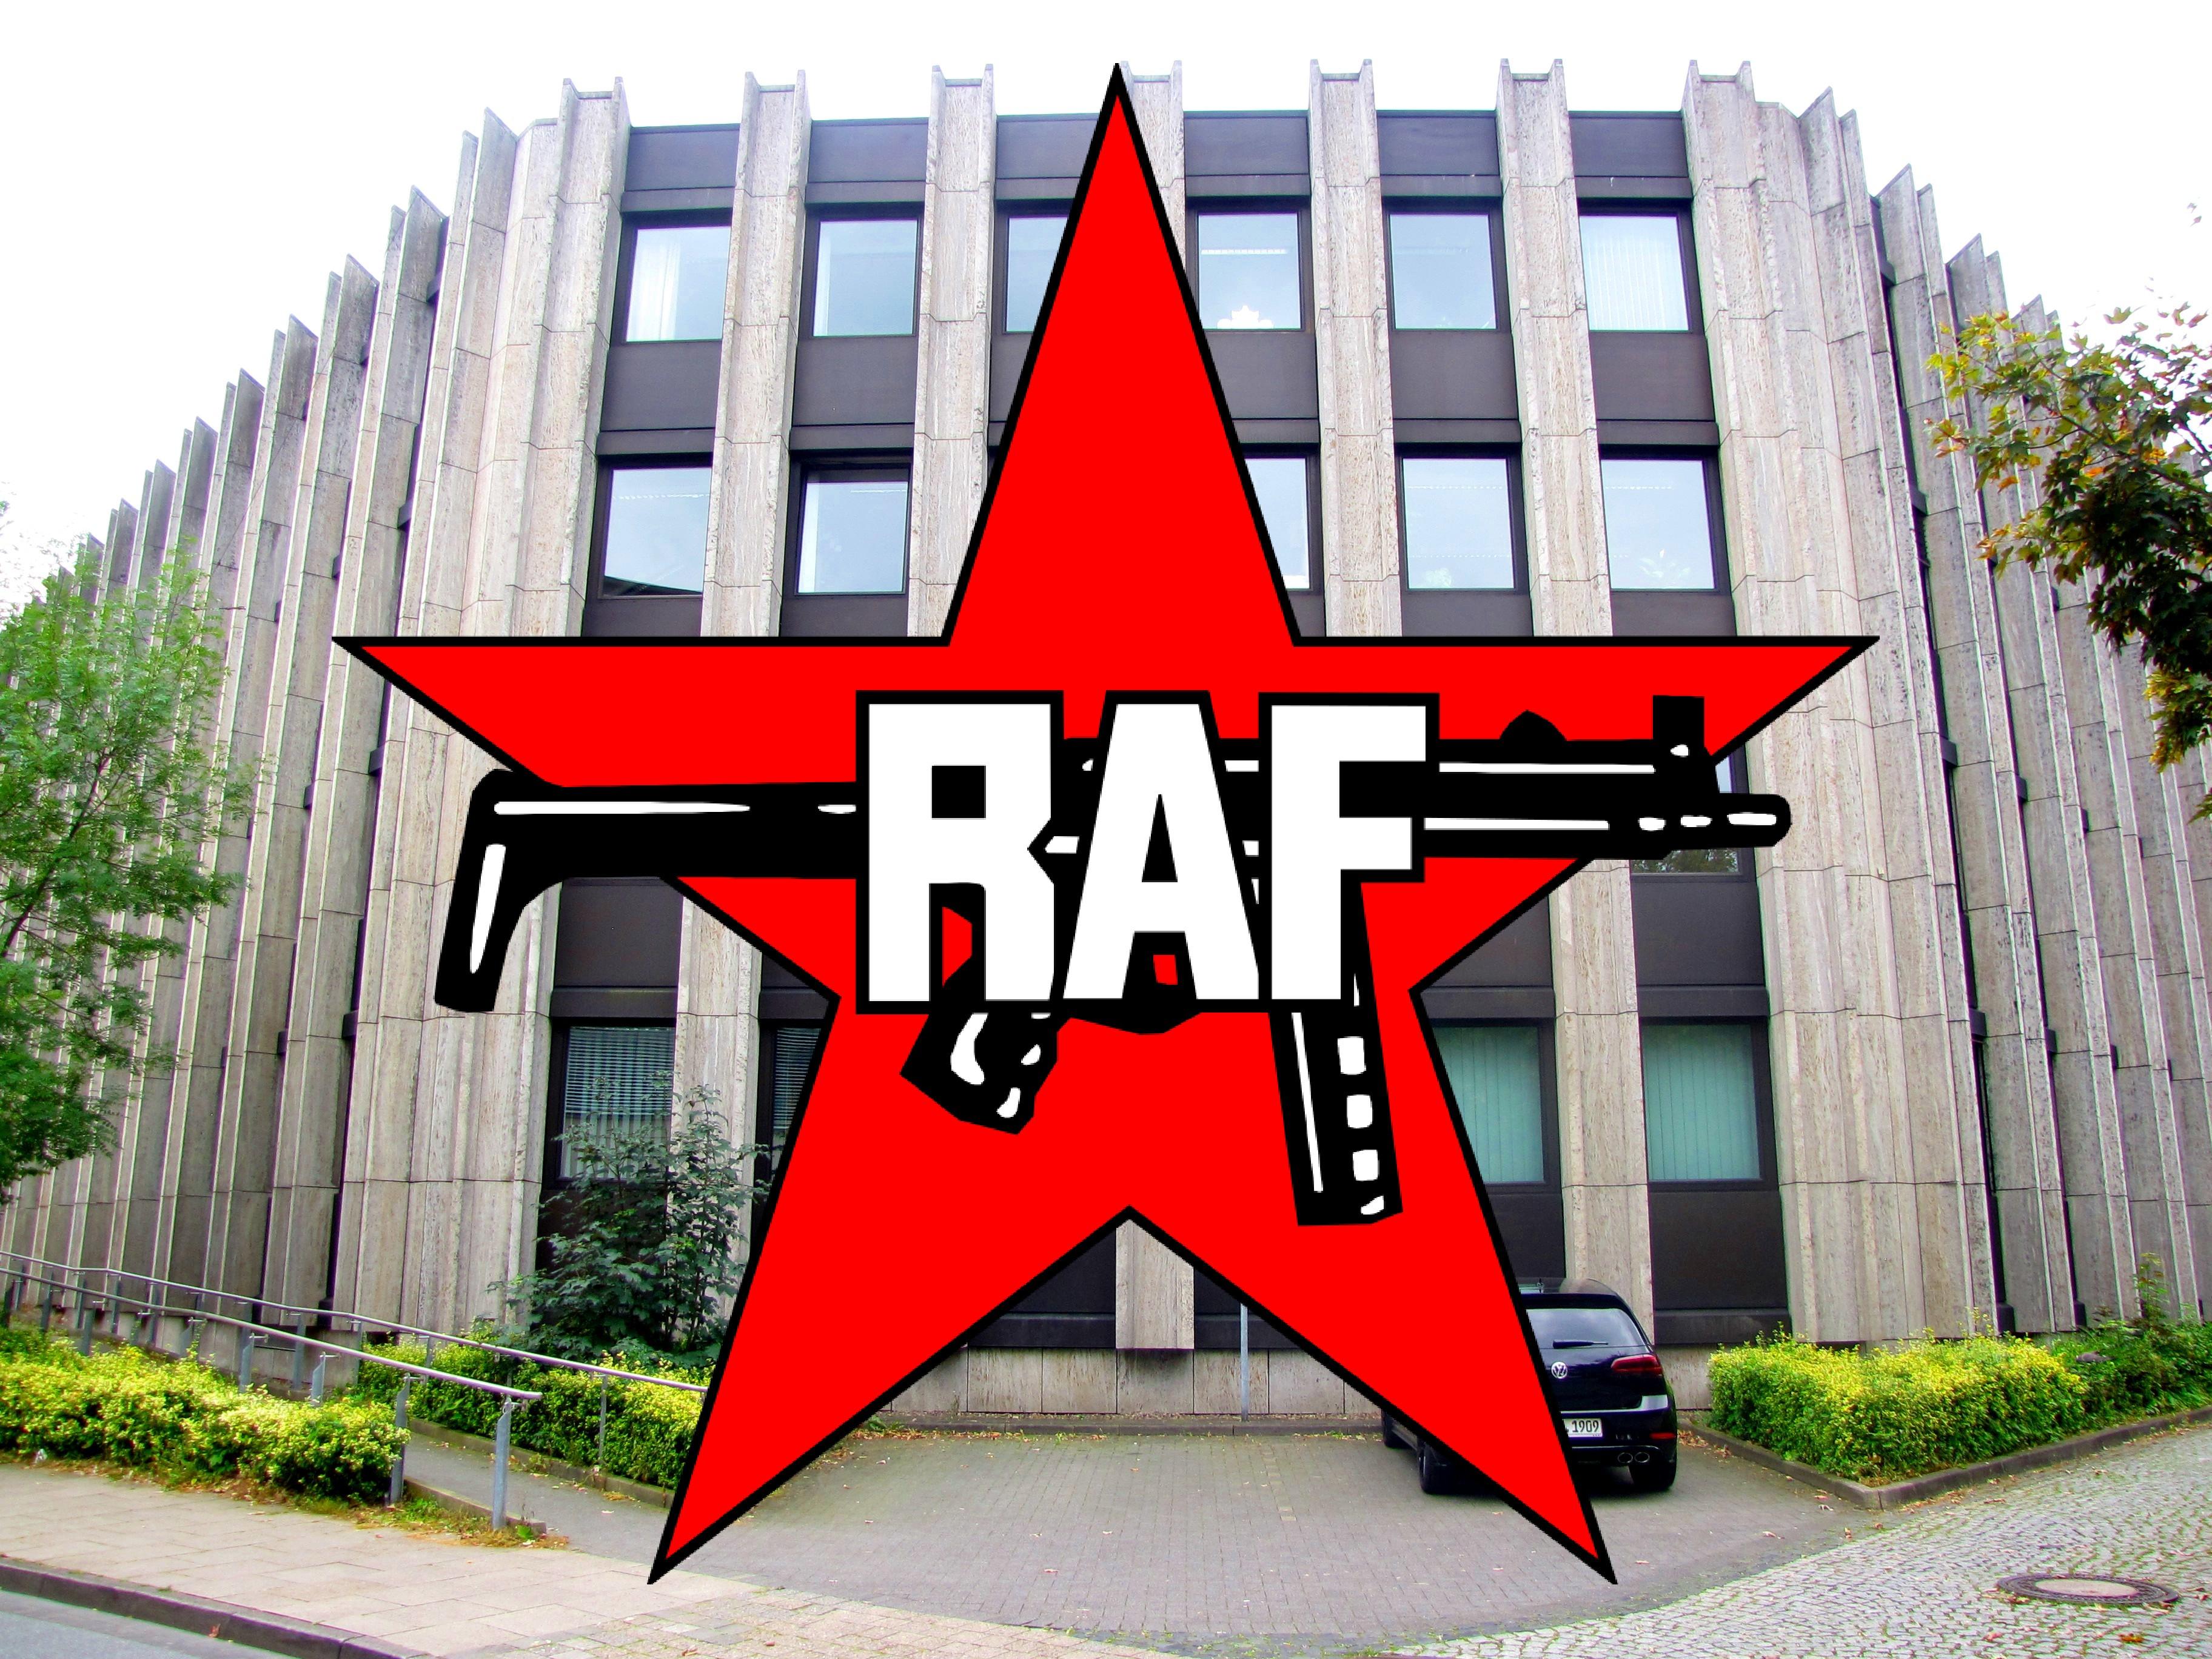 Staatsanwaltschaft Bielefeld Wirtschaftskriminalität Presse öffnungszeiten Geschäftsverteilung Detmold Onecoin Ralph Klom (1)